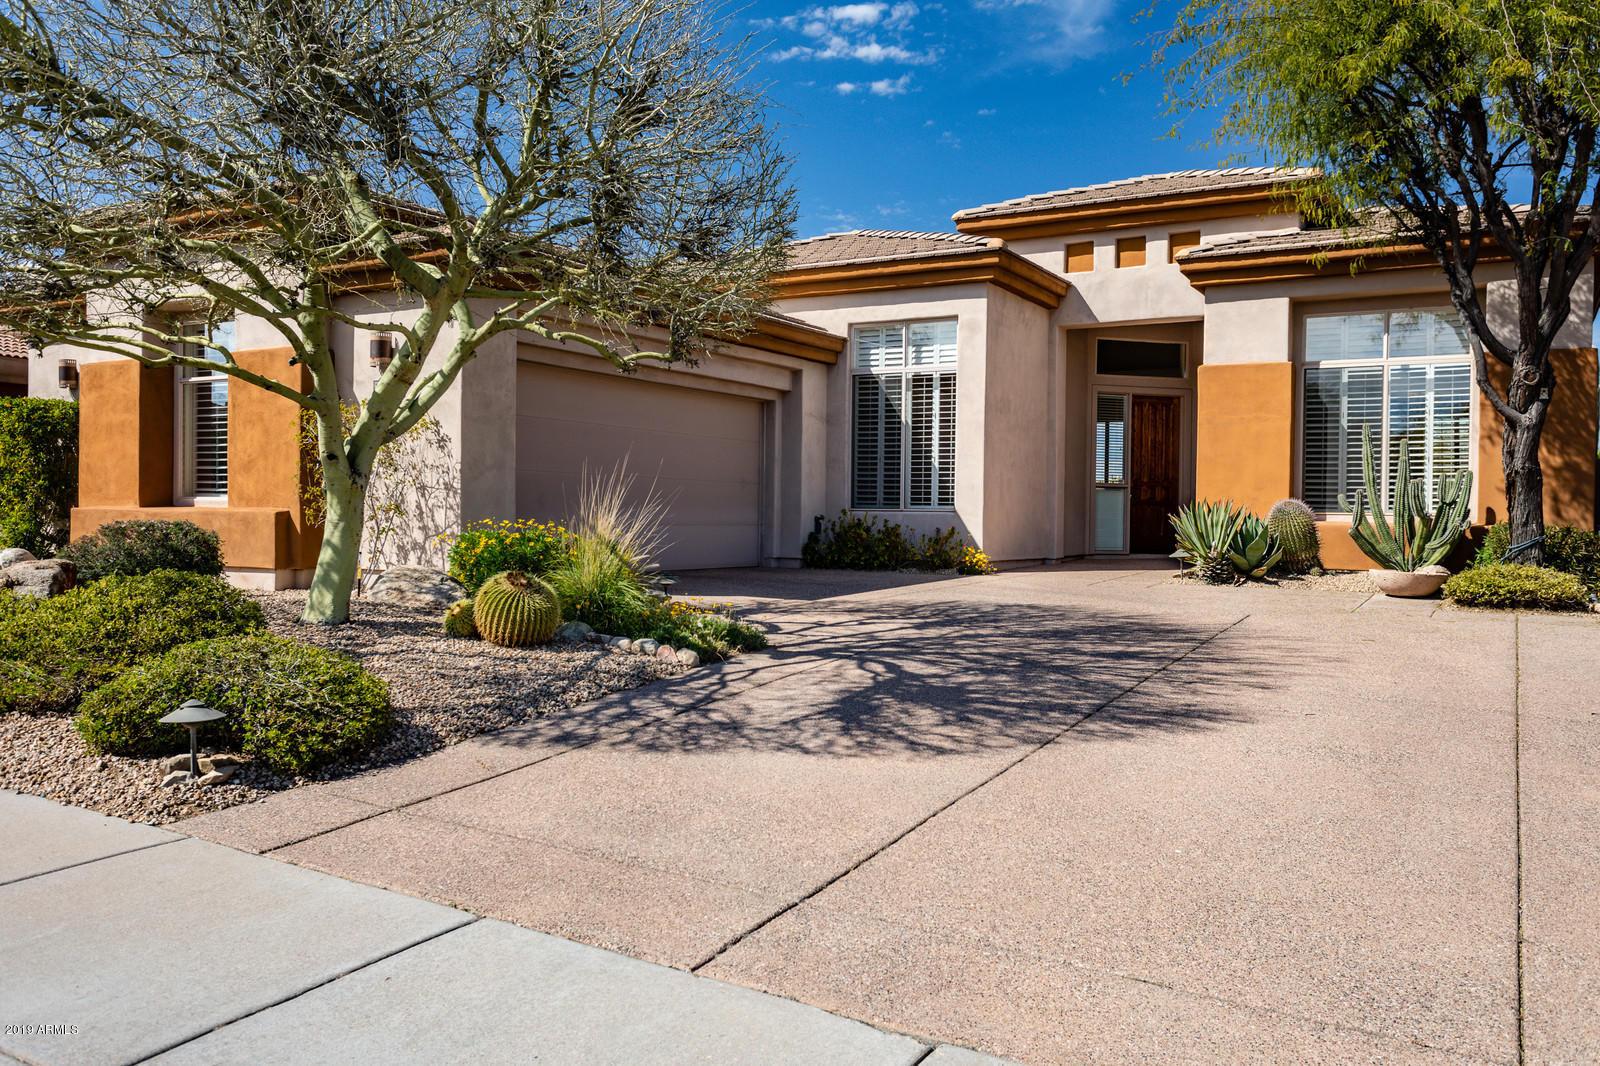 Photo of 15828 E BRITTLEBUSH Lane, Fountain Hills, AZ 85268